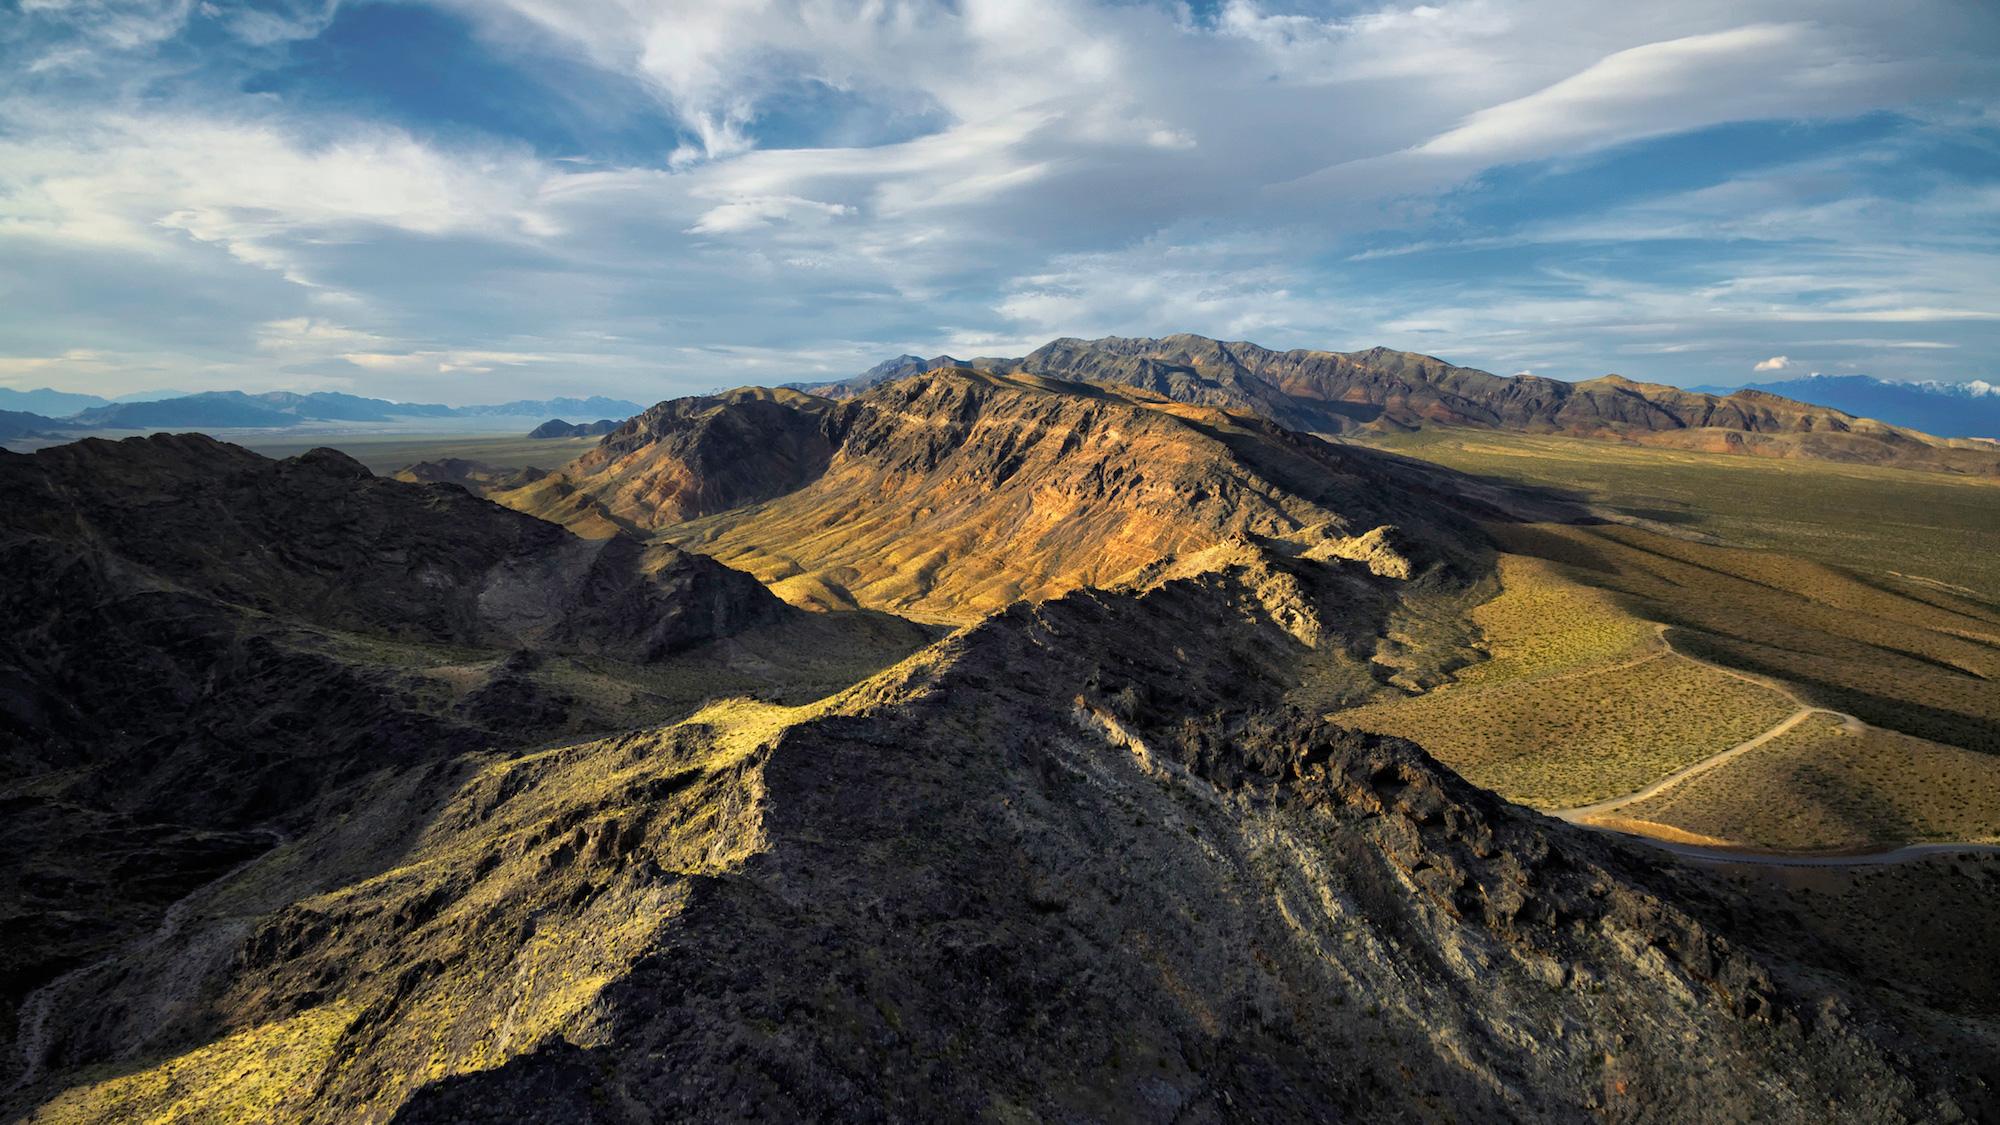 Shoshone Mountain Range at Sunset